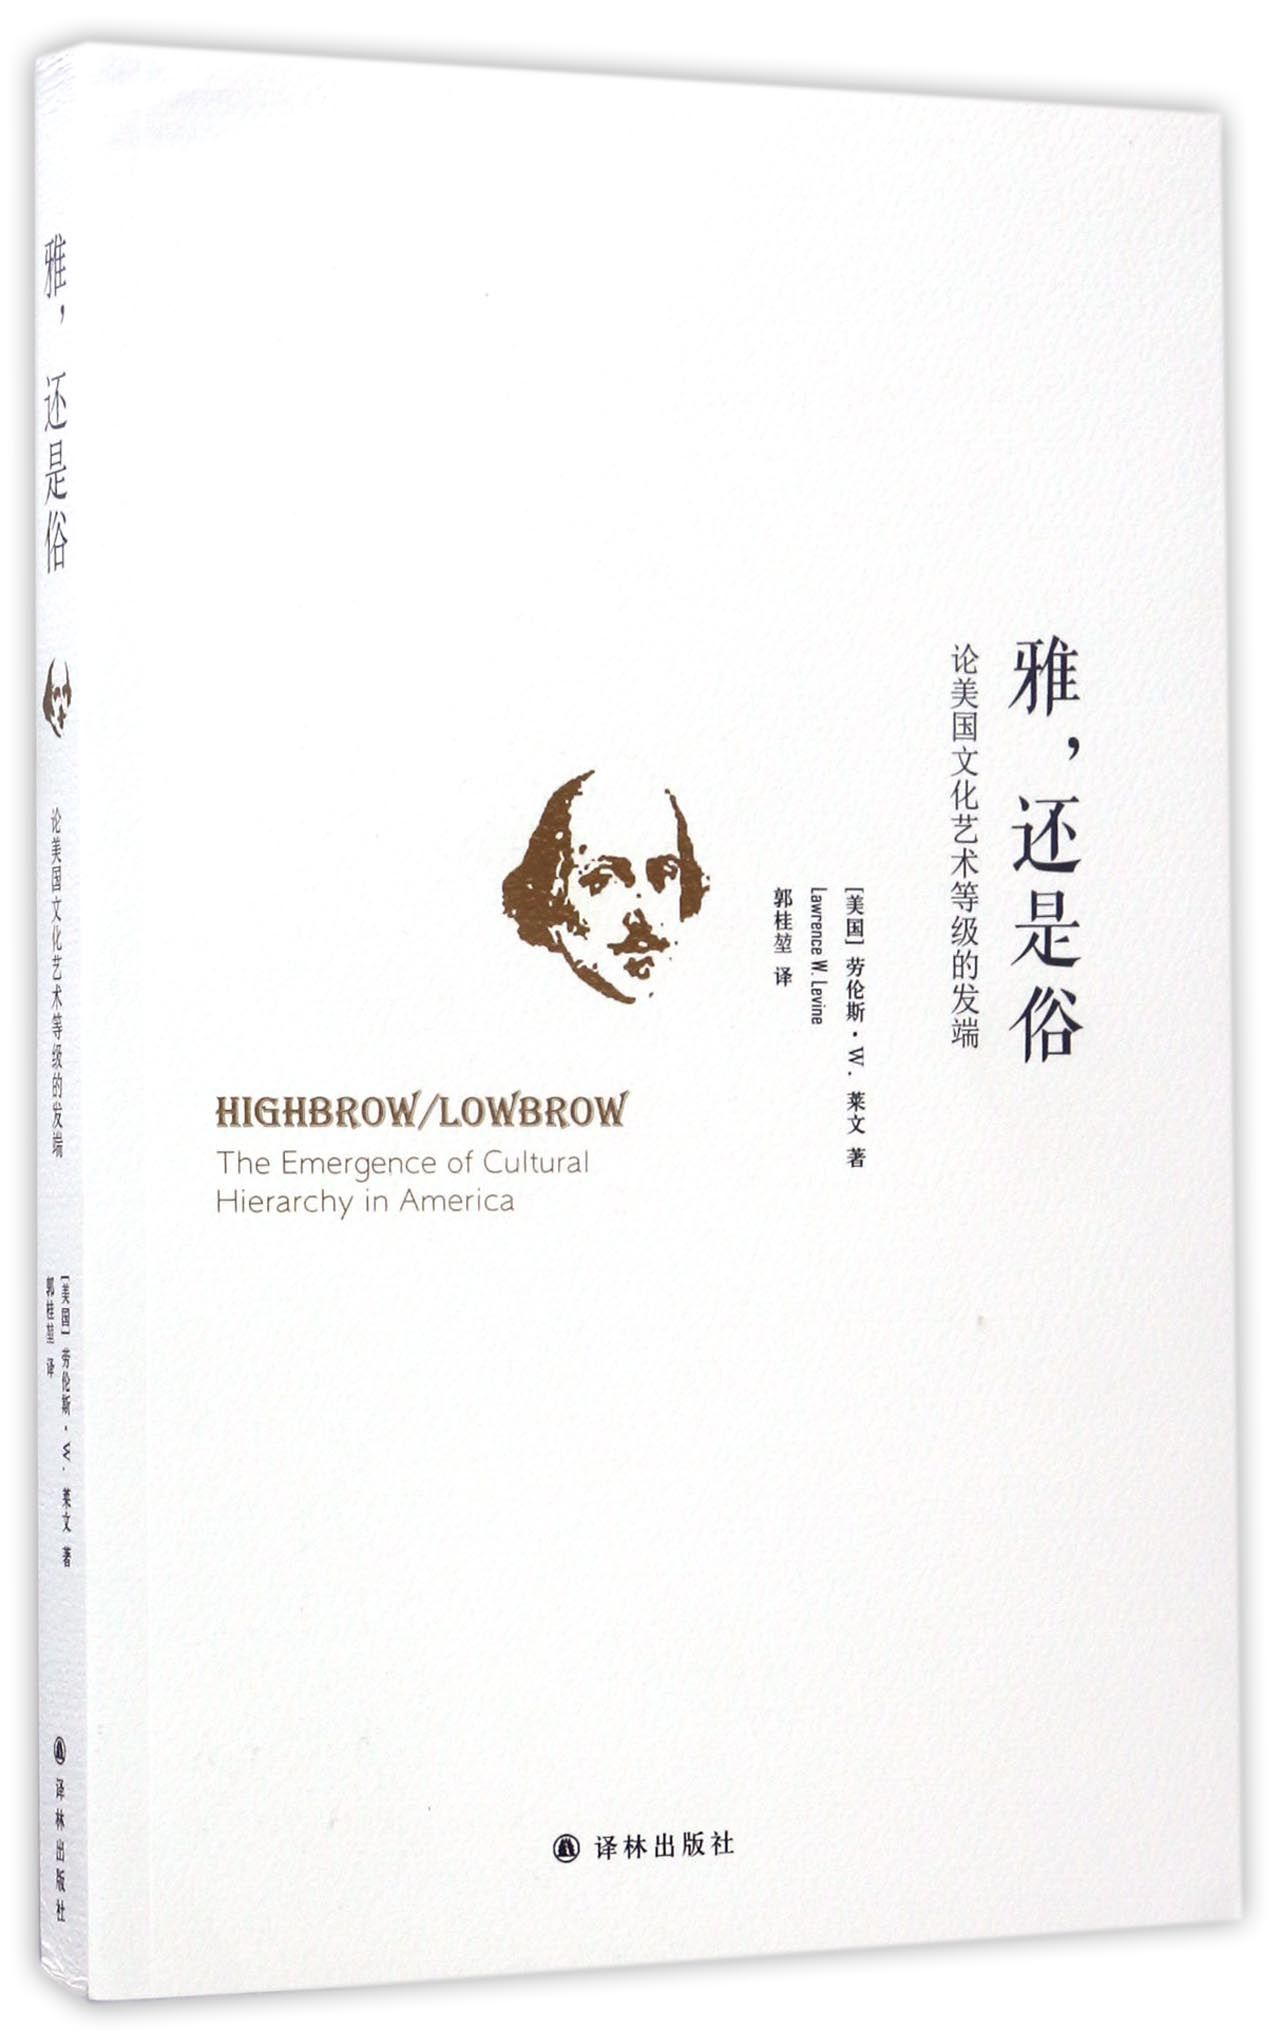 雅,还是俗:论美国文化艺术等级的发端 劳伦斯・W.莱文 译林出版社 9787544767729